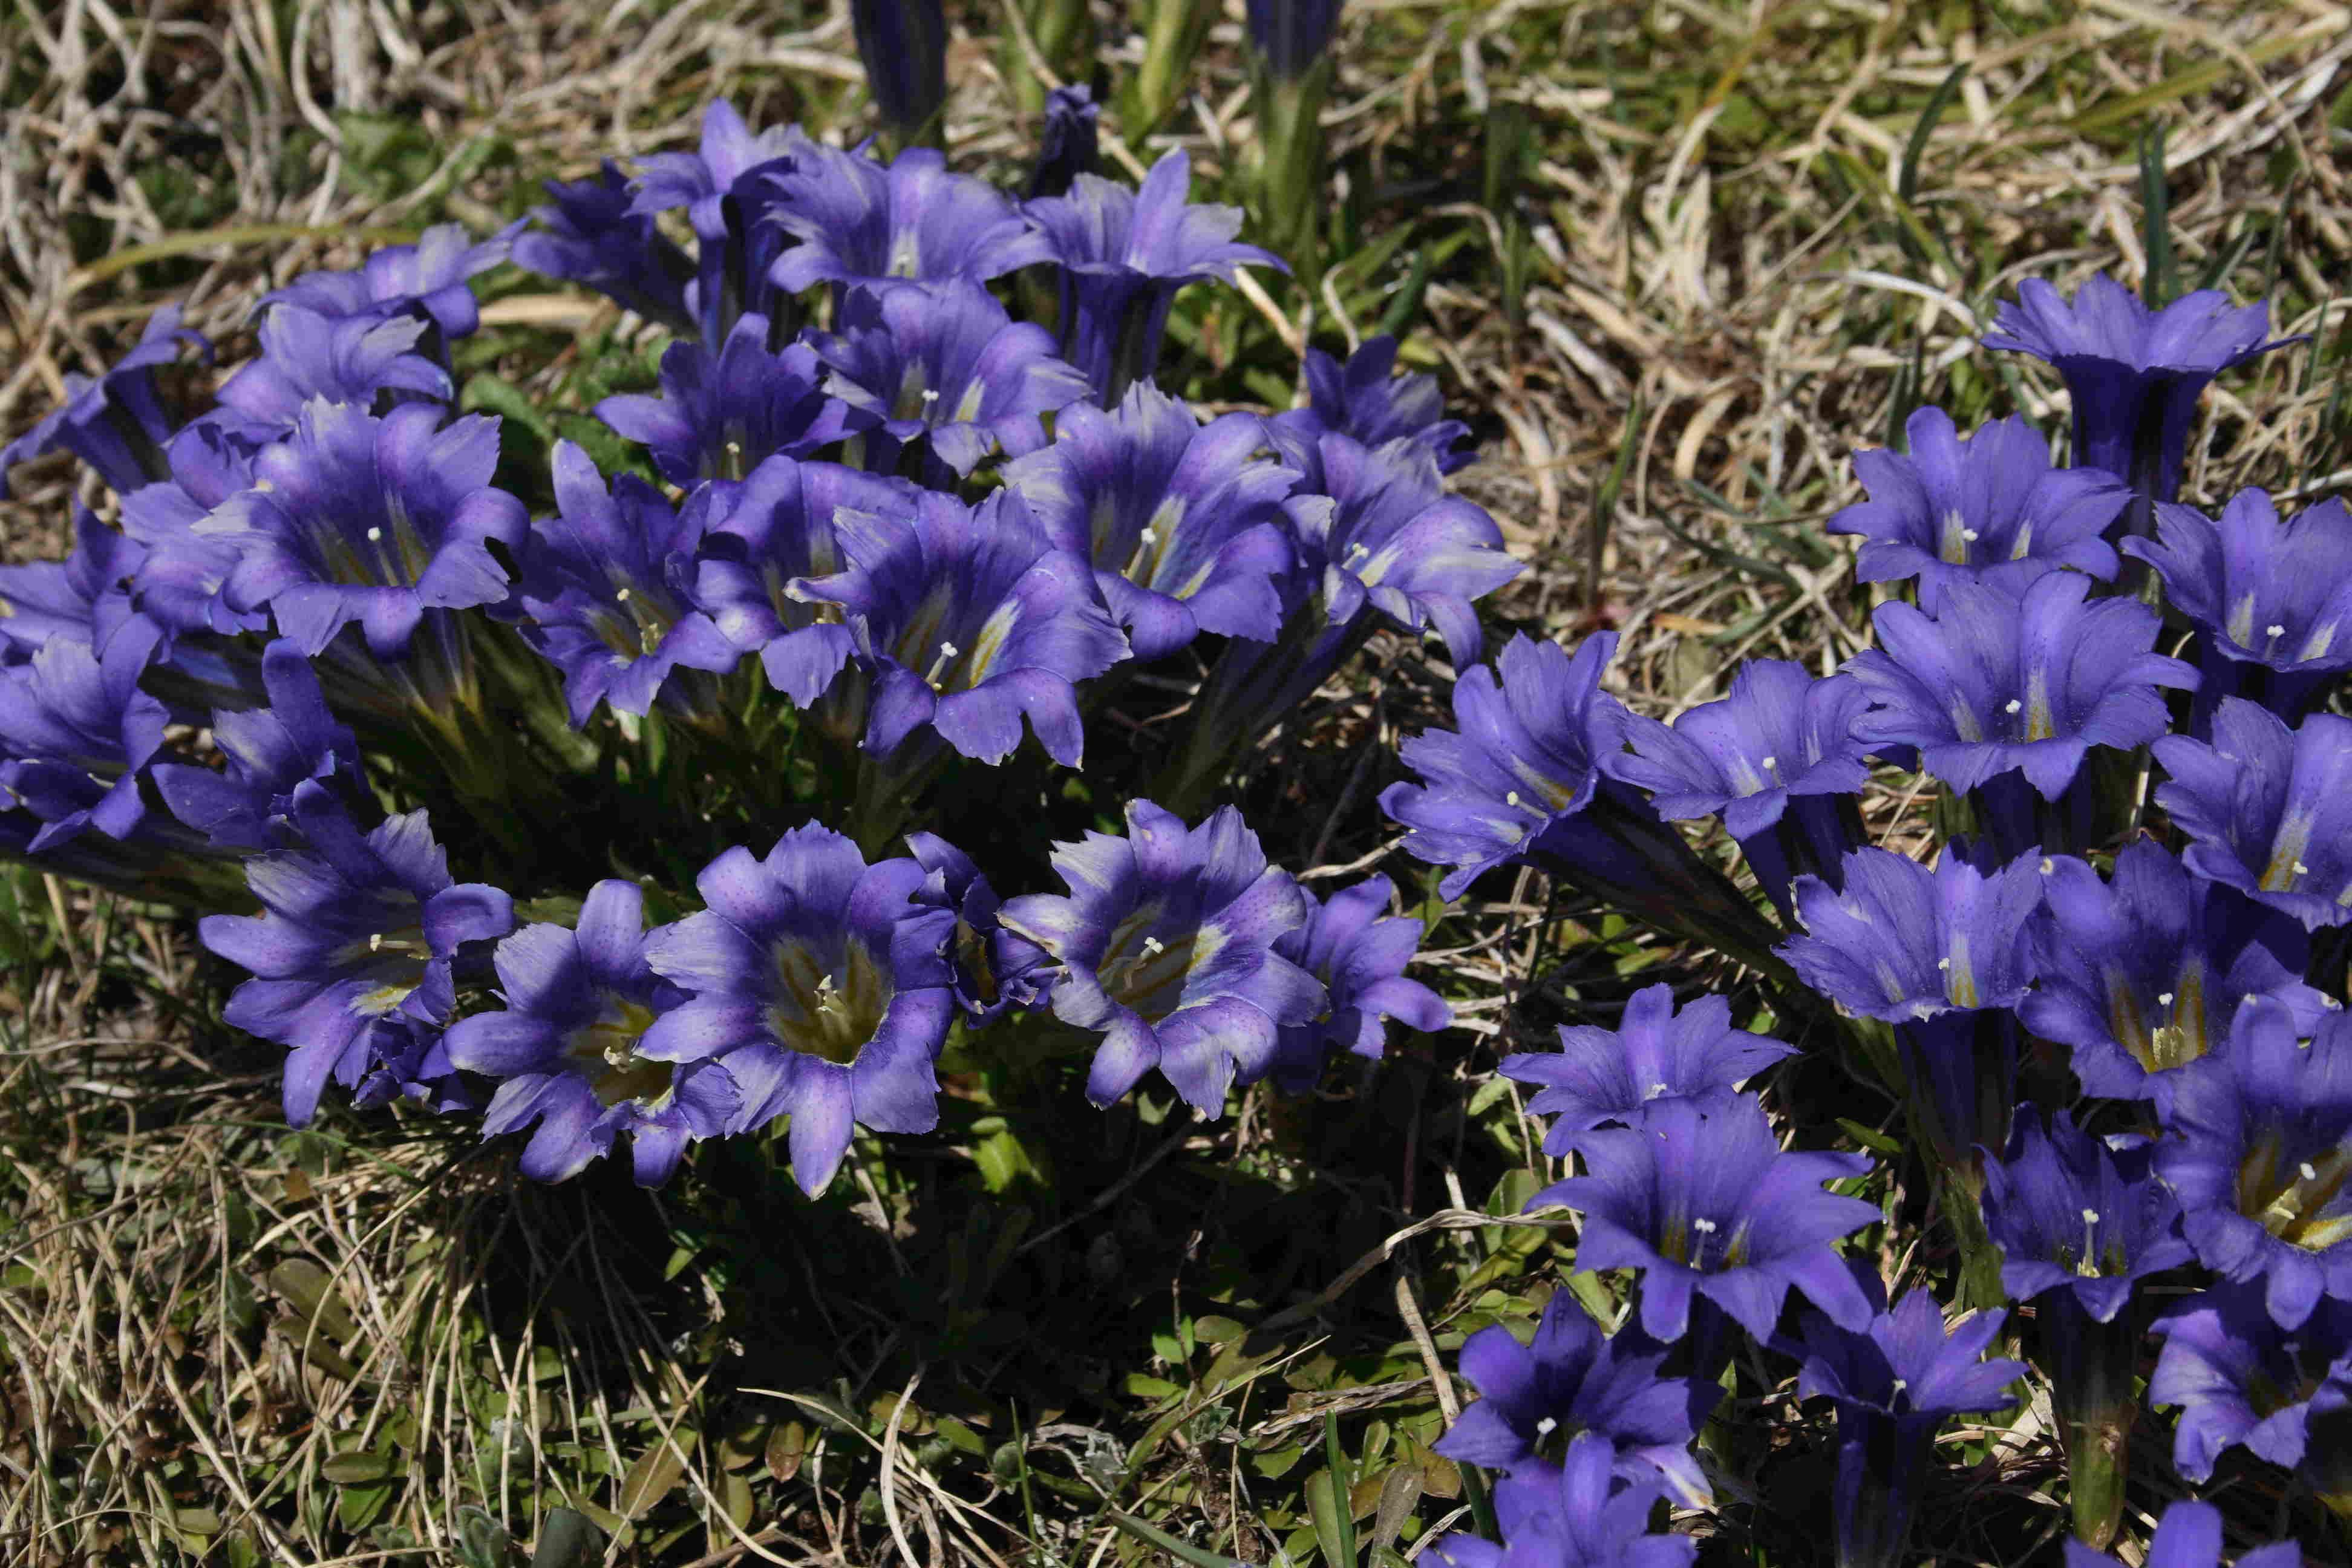 Горечавка крупноцветковая (Gentiana grandiflora). Автор фото: Ольга Кузнецова